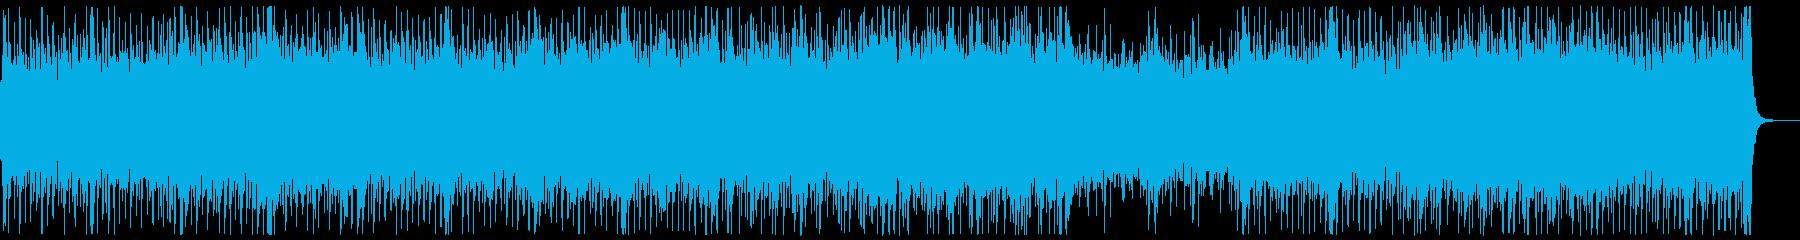 和楽器・和風・サムライロック:フルx1の再生済みの波形